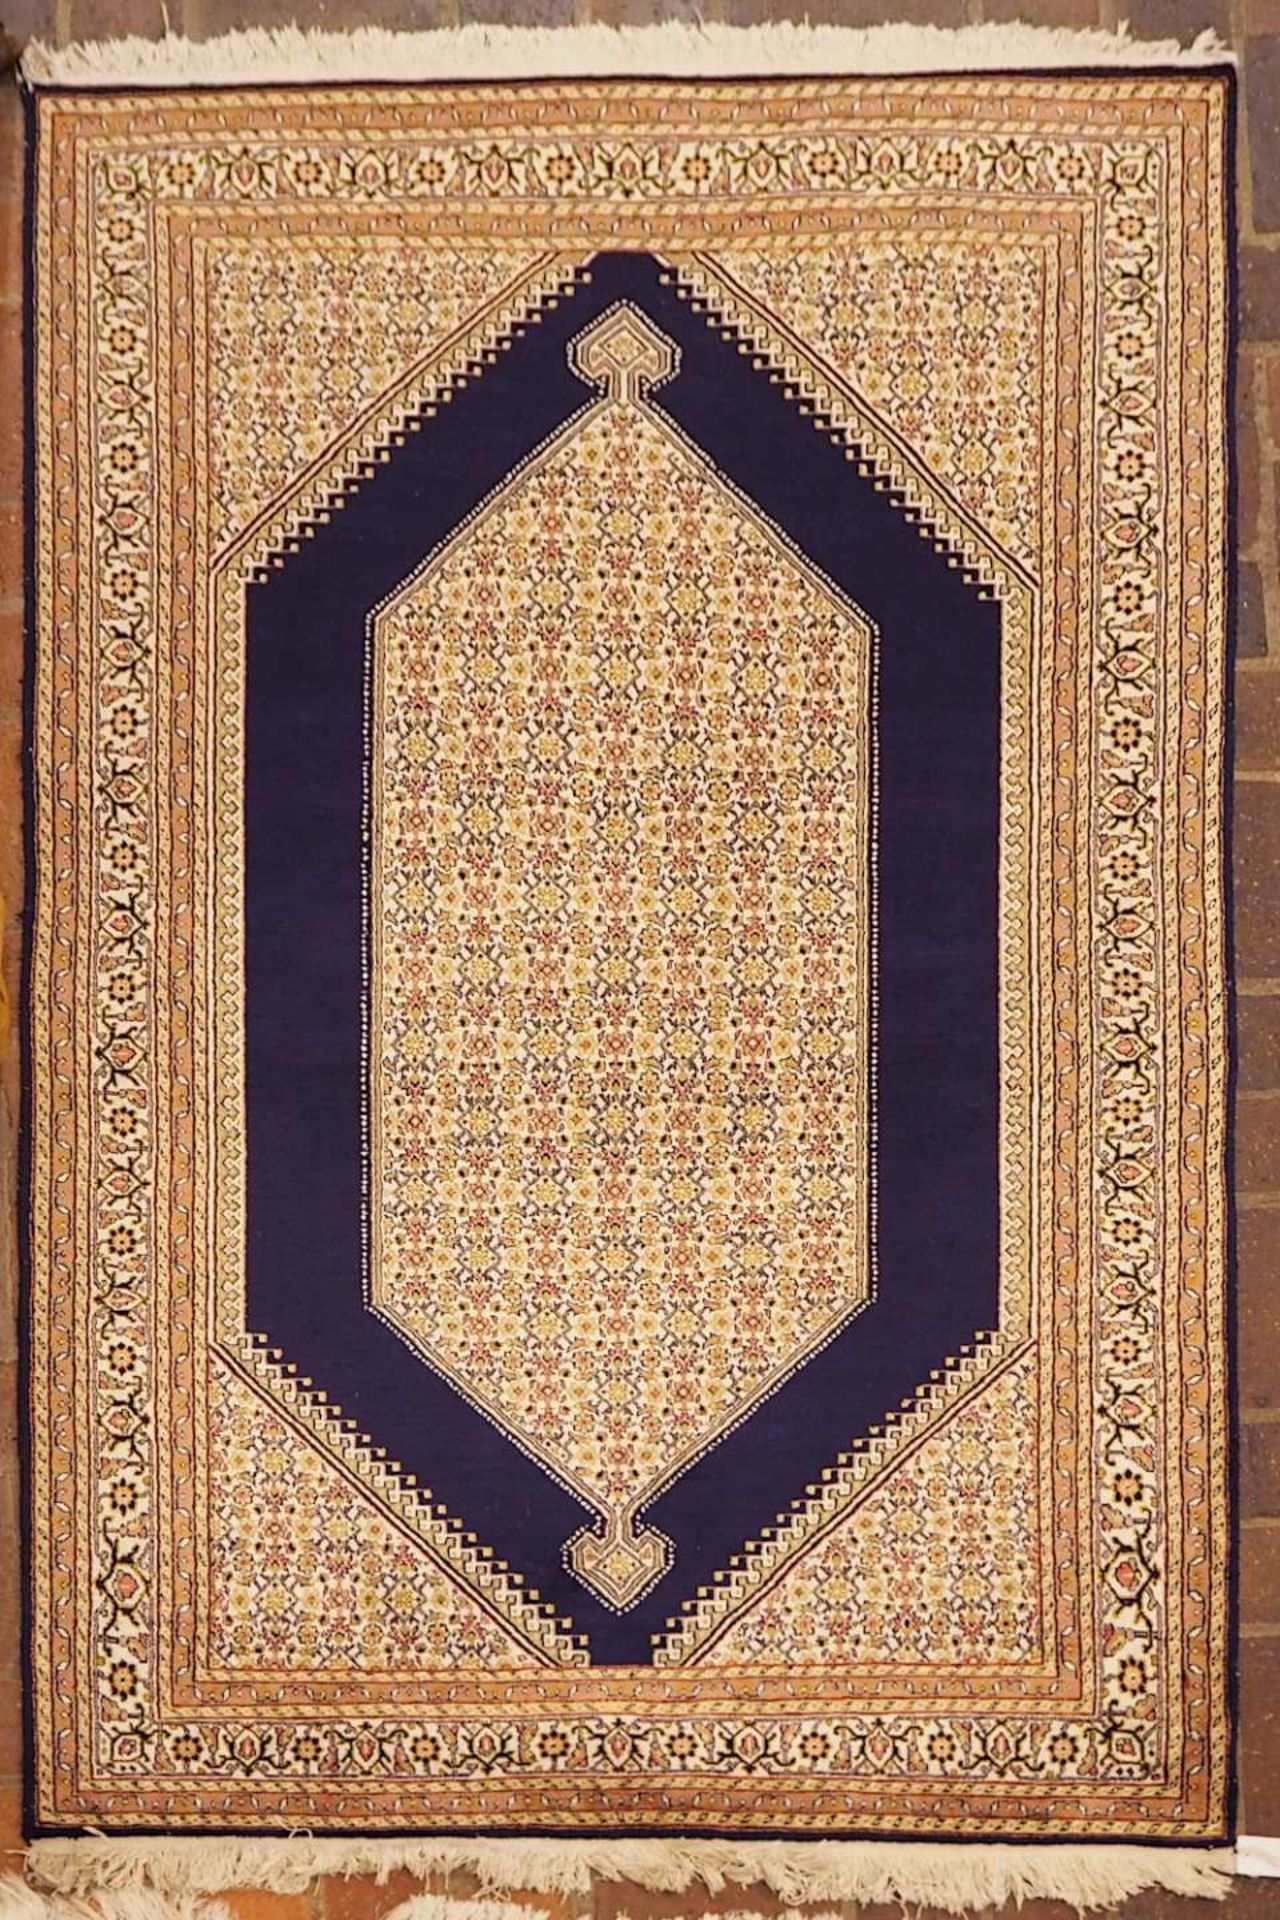 1 Orientteppich wohl mit Seidenanteil, 20. Jh. Mittelfeld dunkelblaugrundig mit große